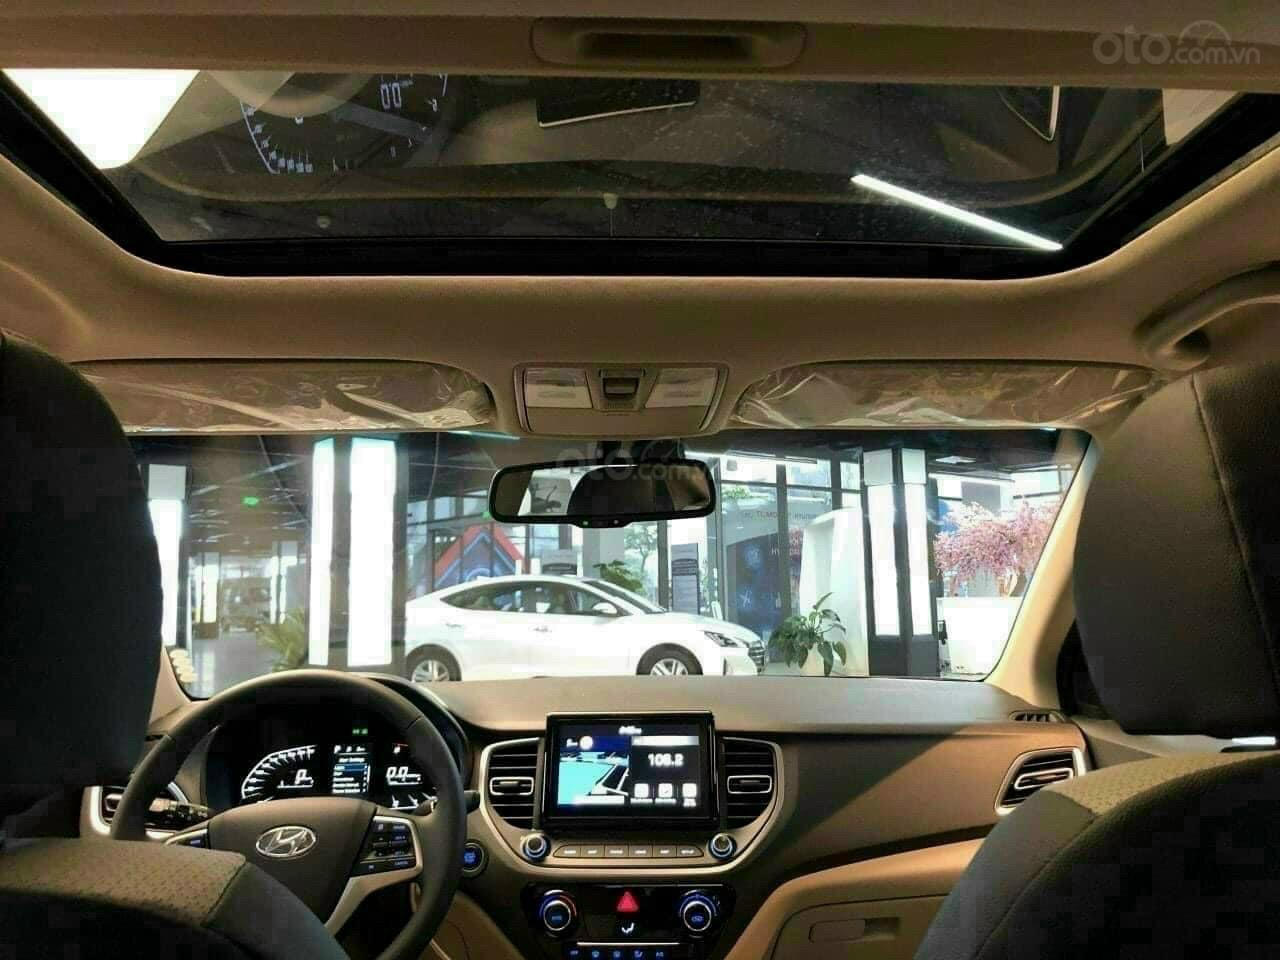 Hyundai Accent nhận xe ngay chỉ với 150tr đồng (5)